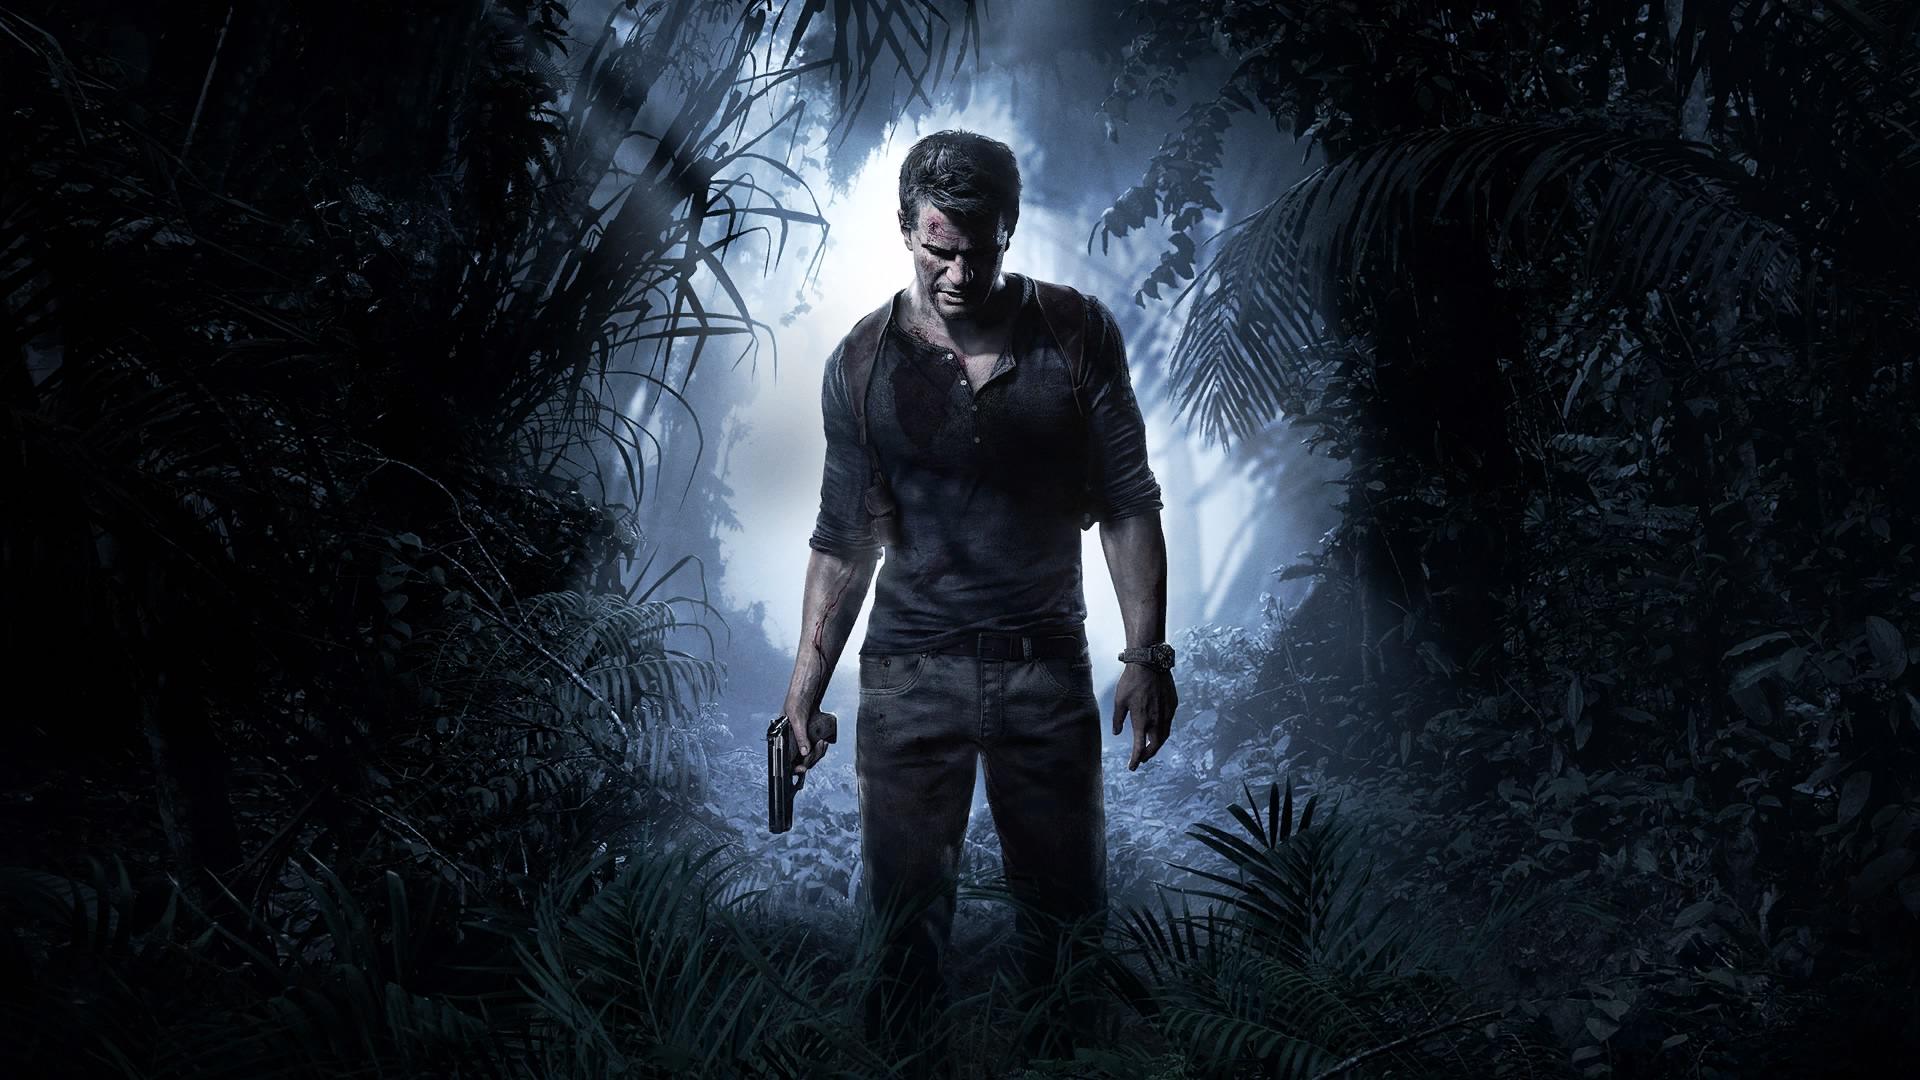 ناتی داگ:  Uncharted 4: A Thief's End بهترین در سری خواهد بود